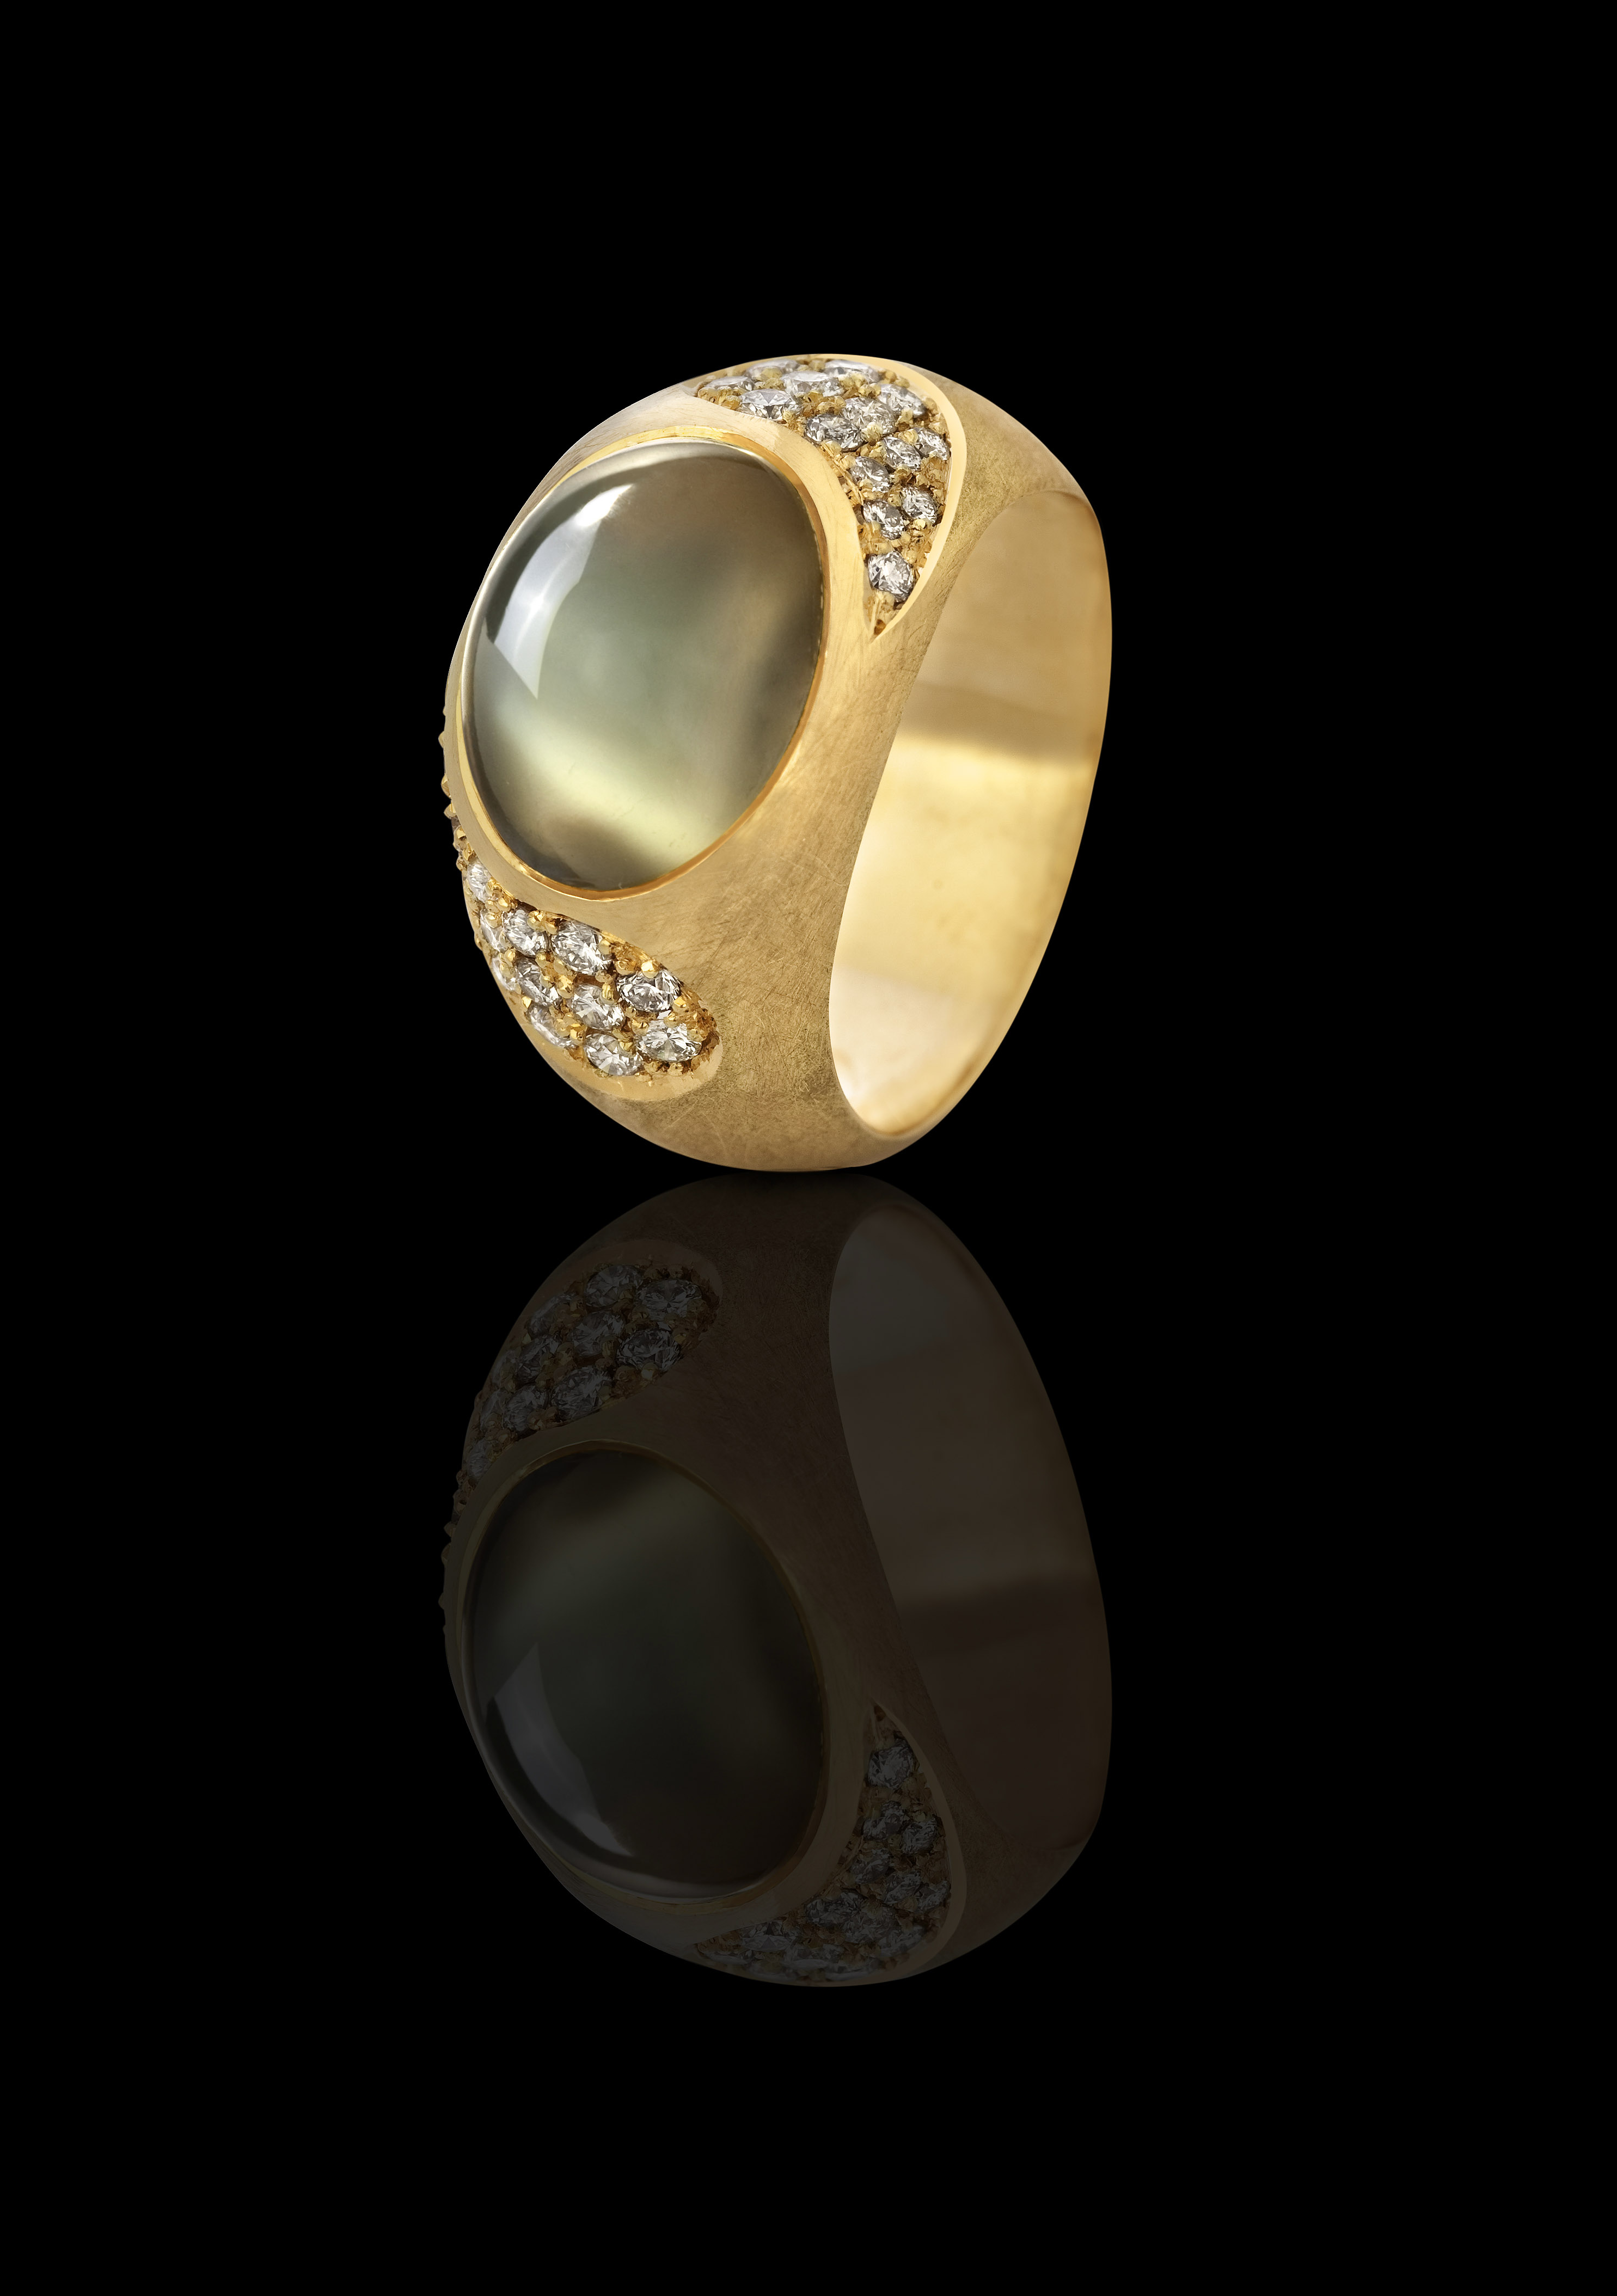 טבעת זהב צהוב 18K משובצת גרין מונסטון ויהלומים